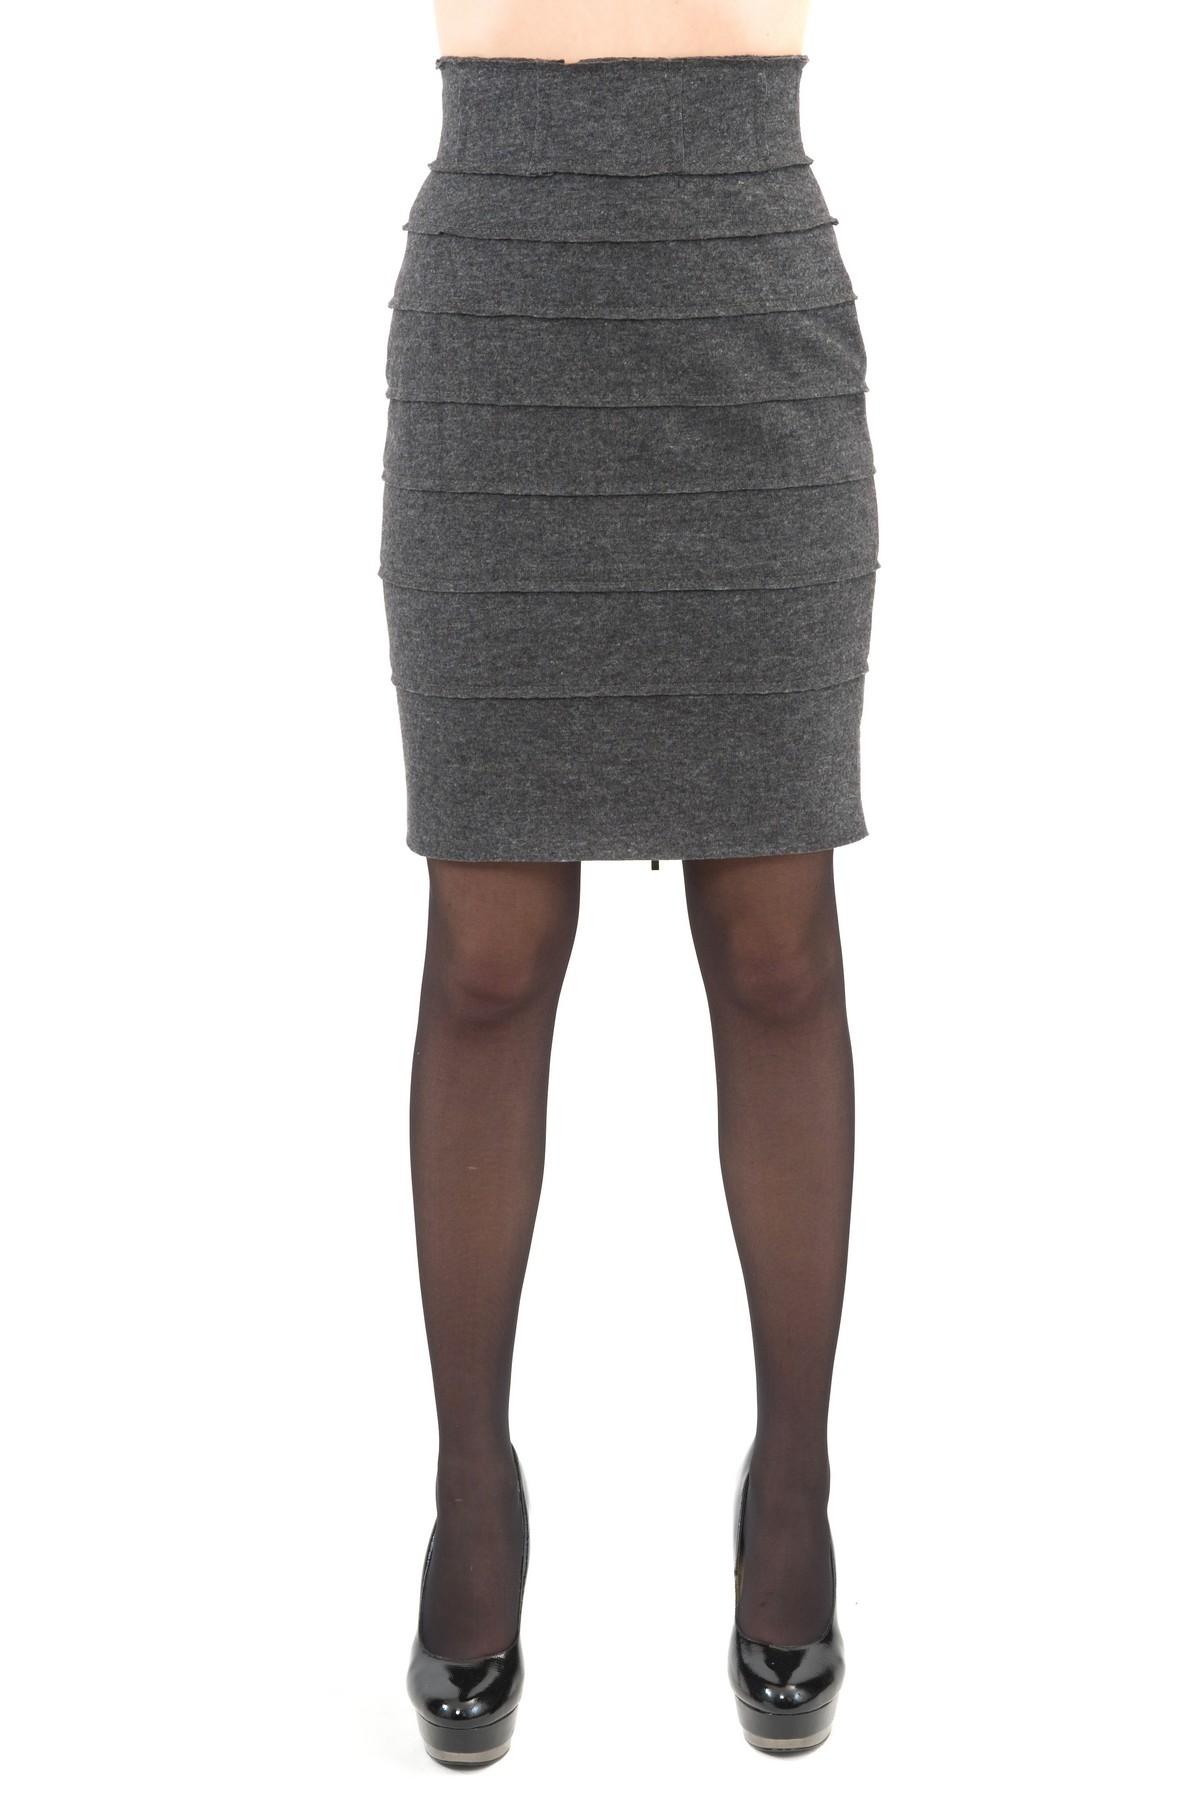 ЮбкаЖенские юбки и брюки<br>Стильная юбка  длины миди и облегающего силуэта для ярких и уверенных в своей неотразимости женщин. Изделие прекрасно сочетается со многими элементами гардероба.<br><br>Цвет: серый<br>Состав: 50 % шерсти,25 % вискоза ,25 % полиэстер<br>Размер: 44,52,54<br>Страна дизайна: Россия<br>Страна производства: Россия